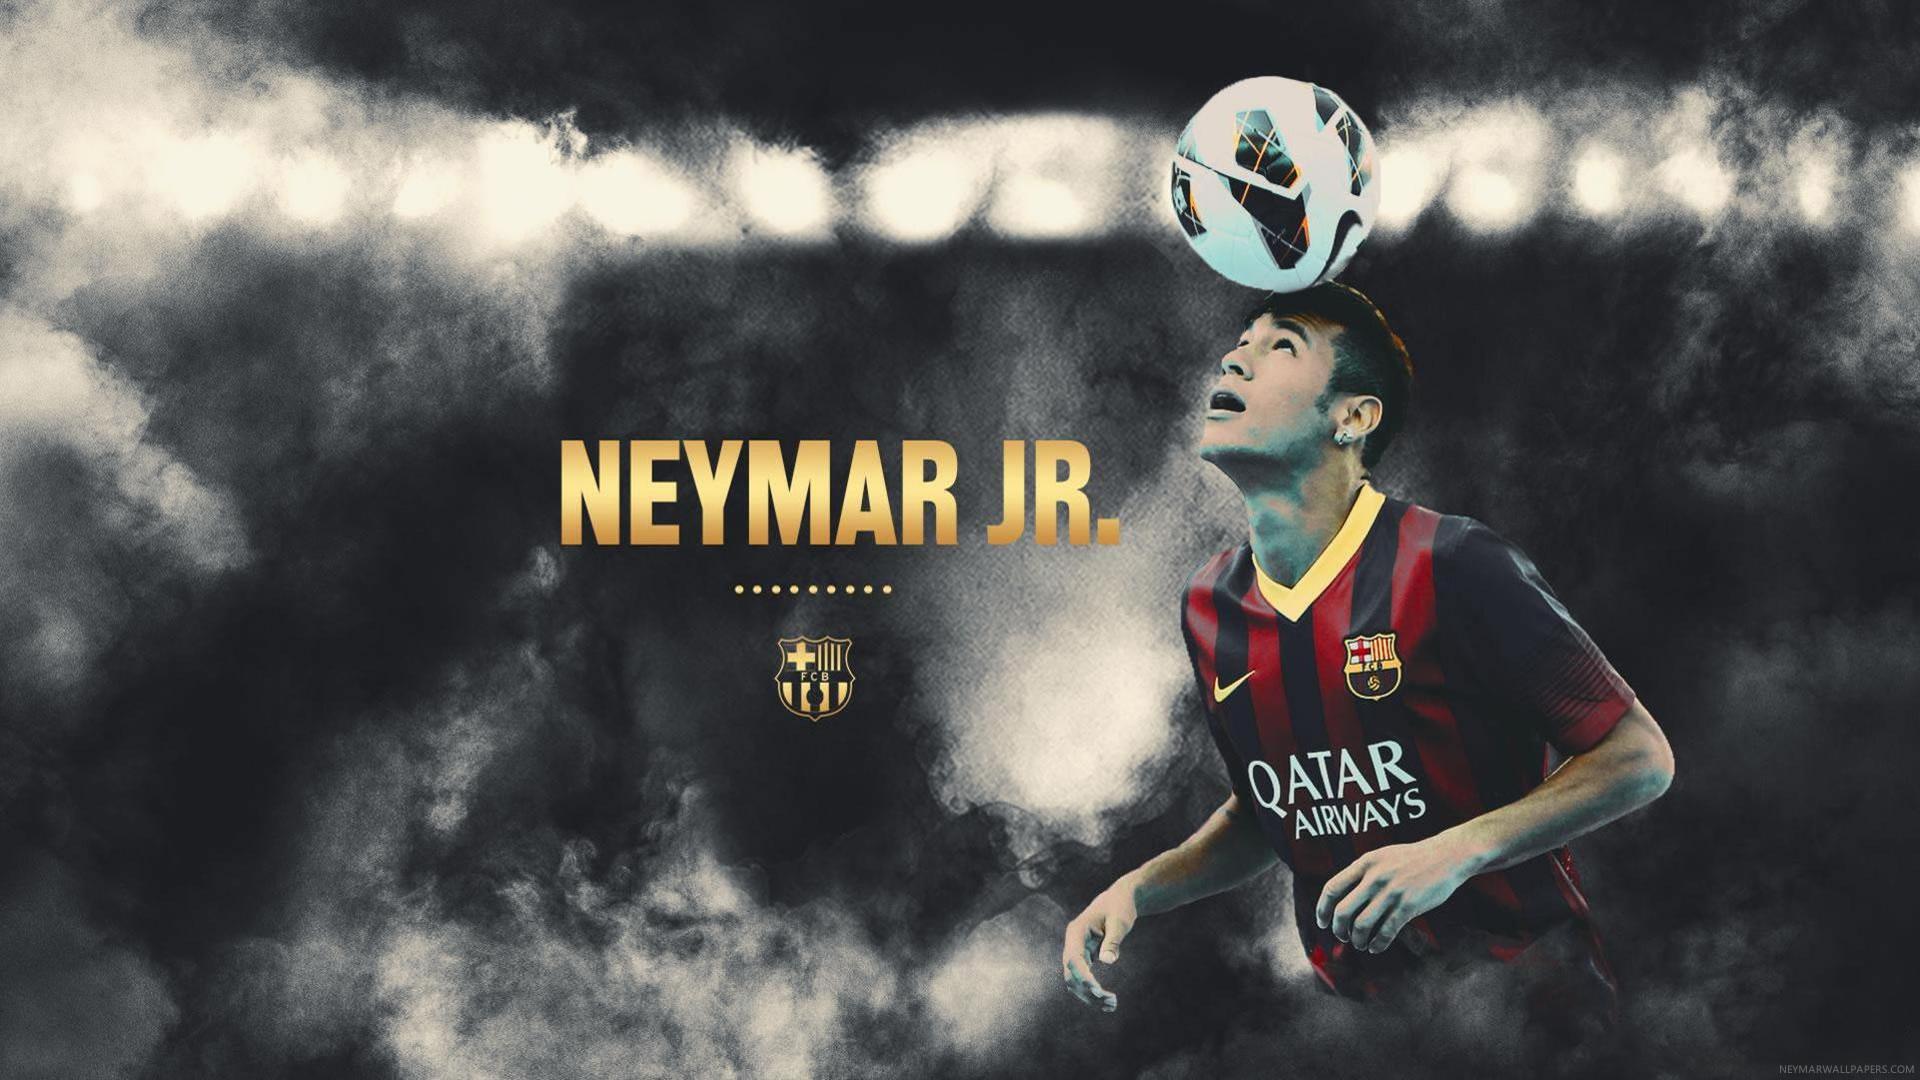 Neymar with ball wallpaper